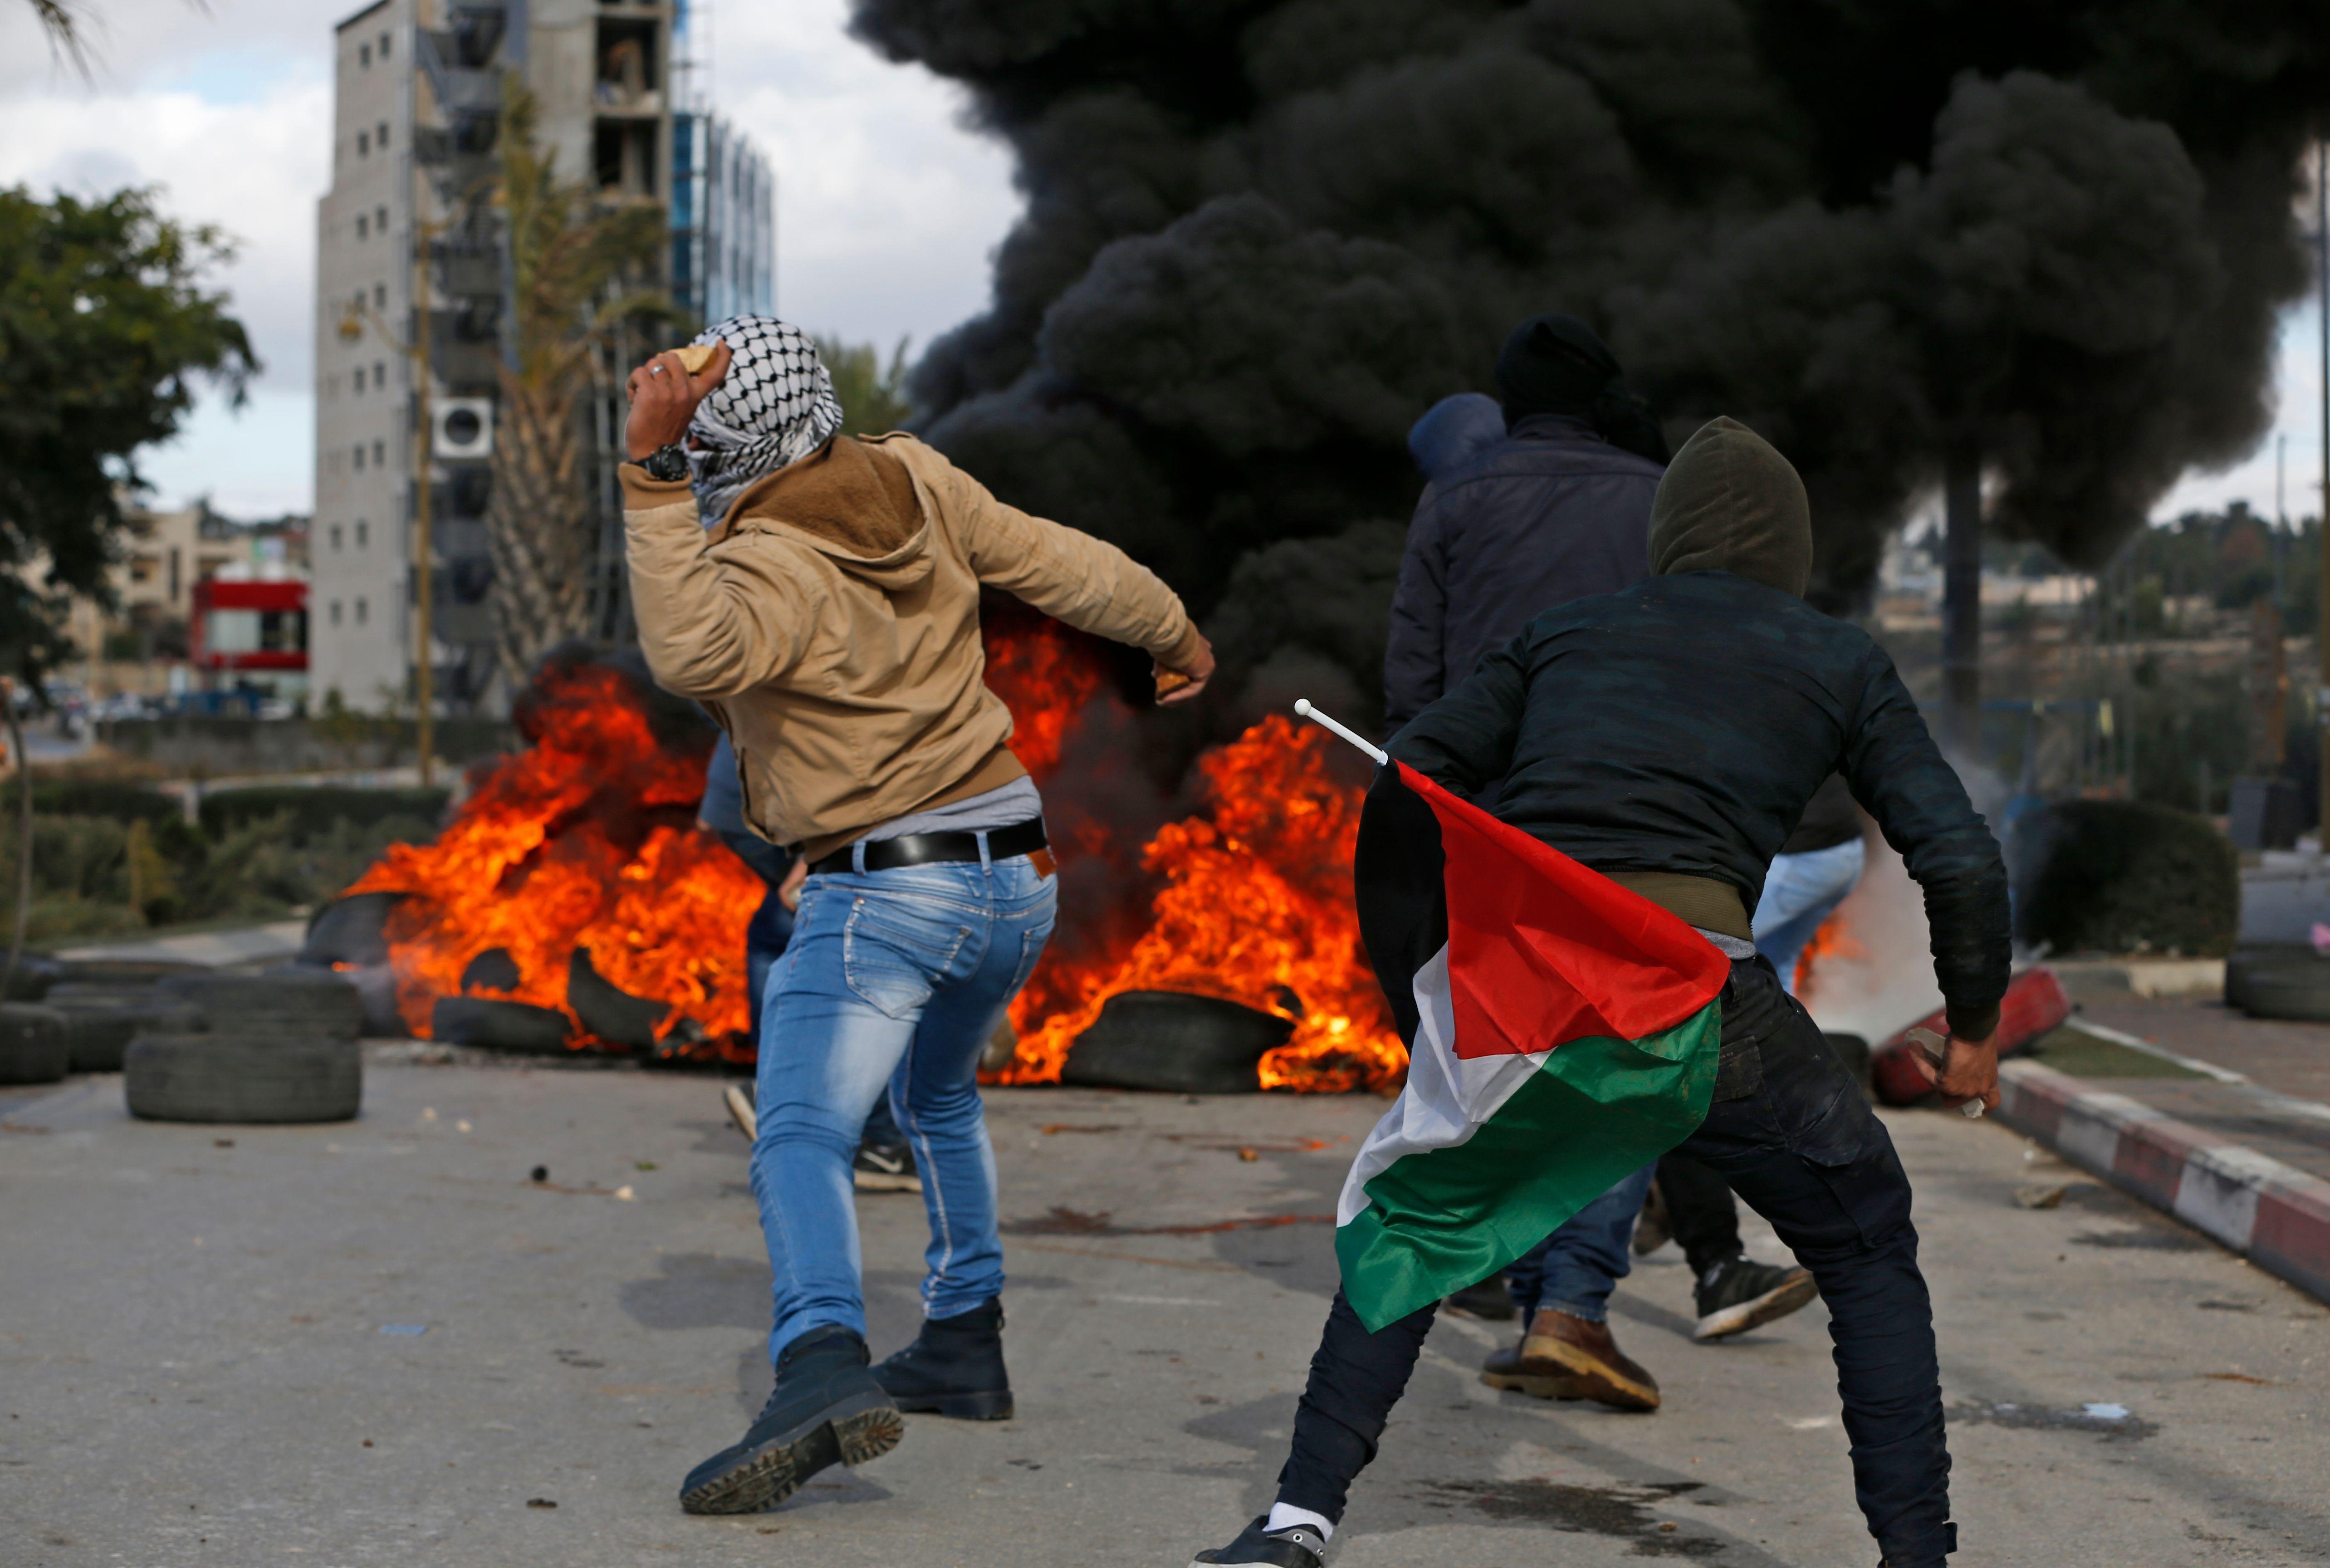 صور الانتفاضه الرابعه - مظاهرات فلسطين (1)